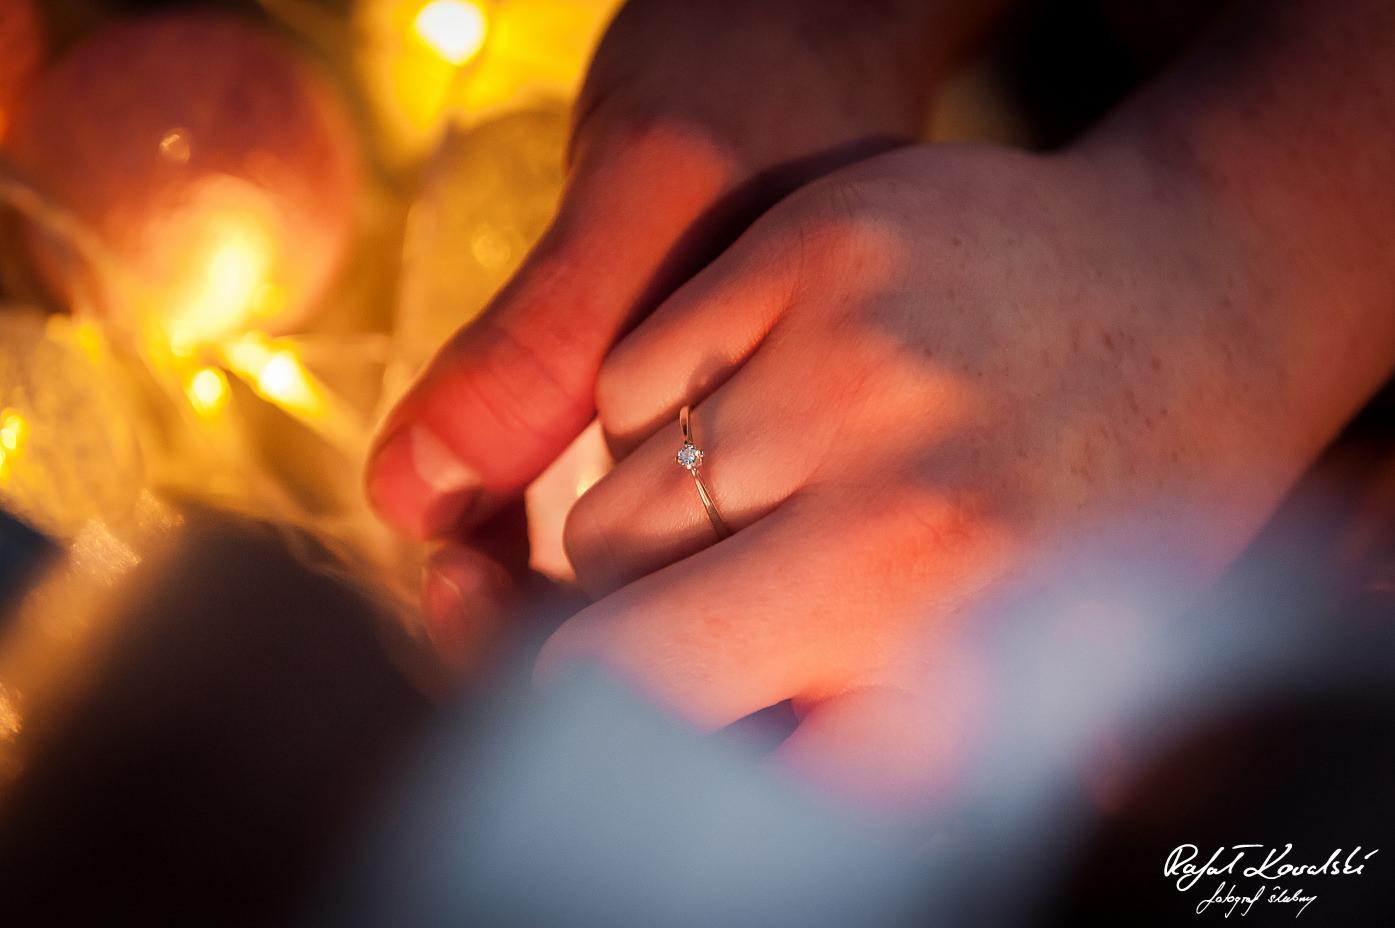 pierścionek zaręczynowy błyszczy się na palcu przyszłej panny młodej